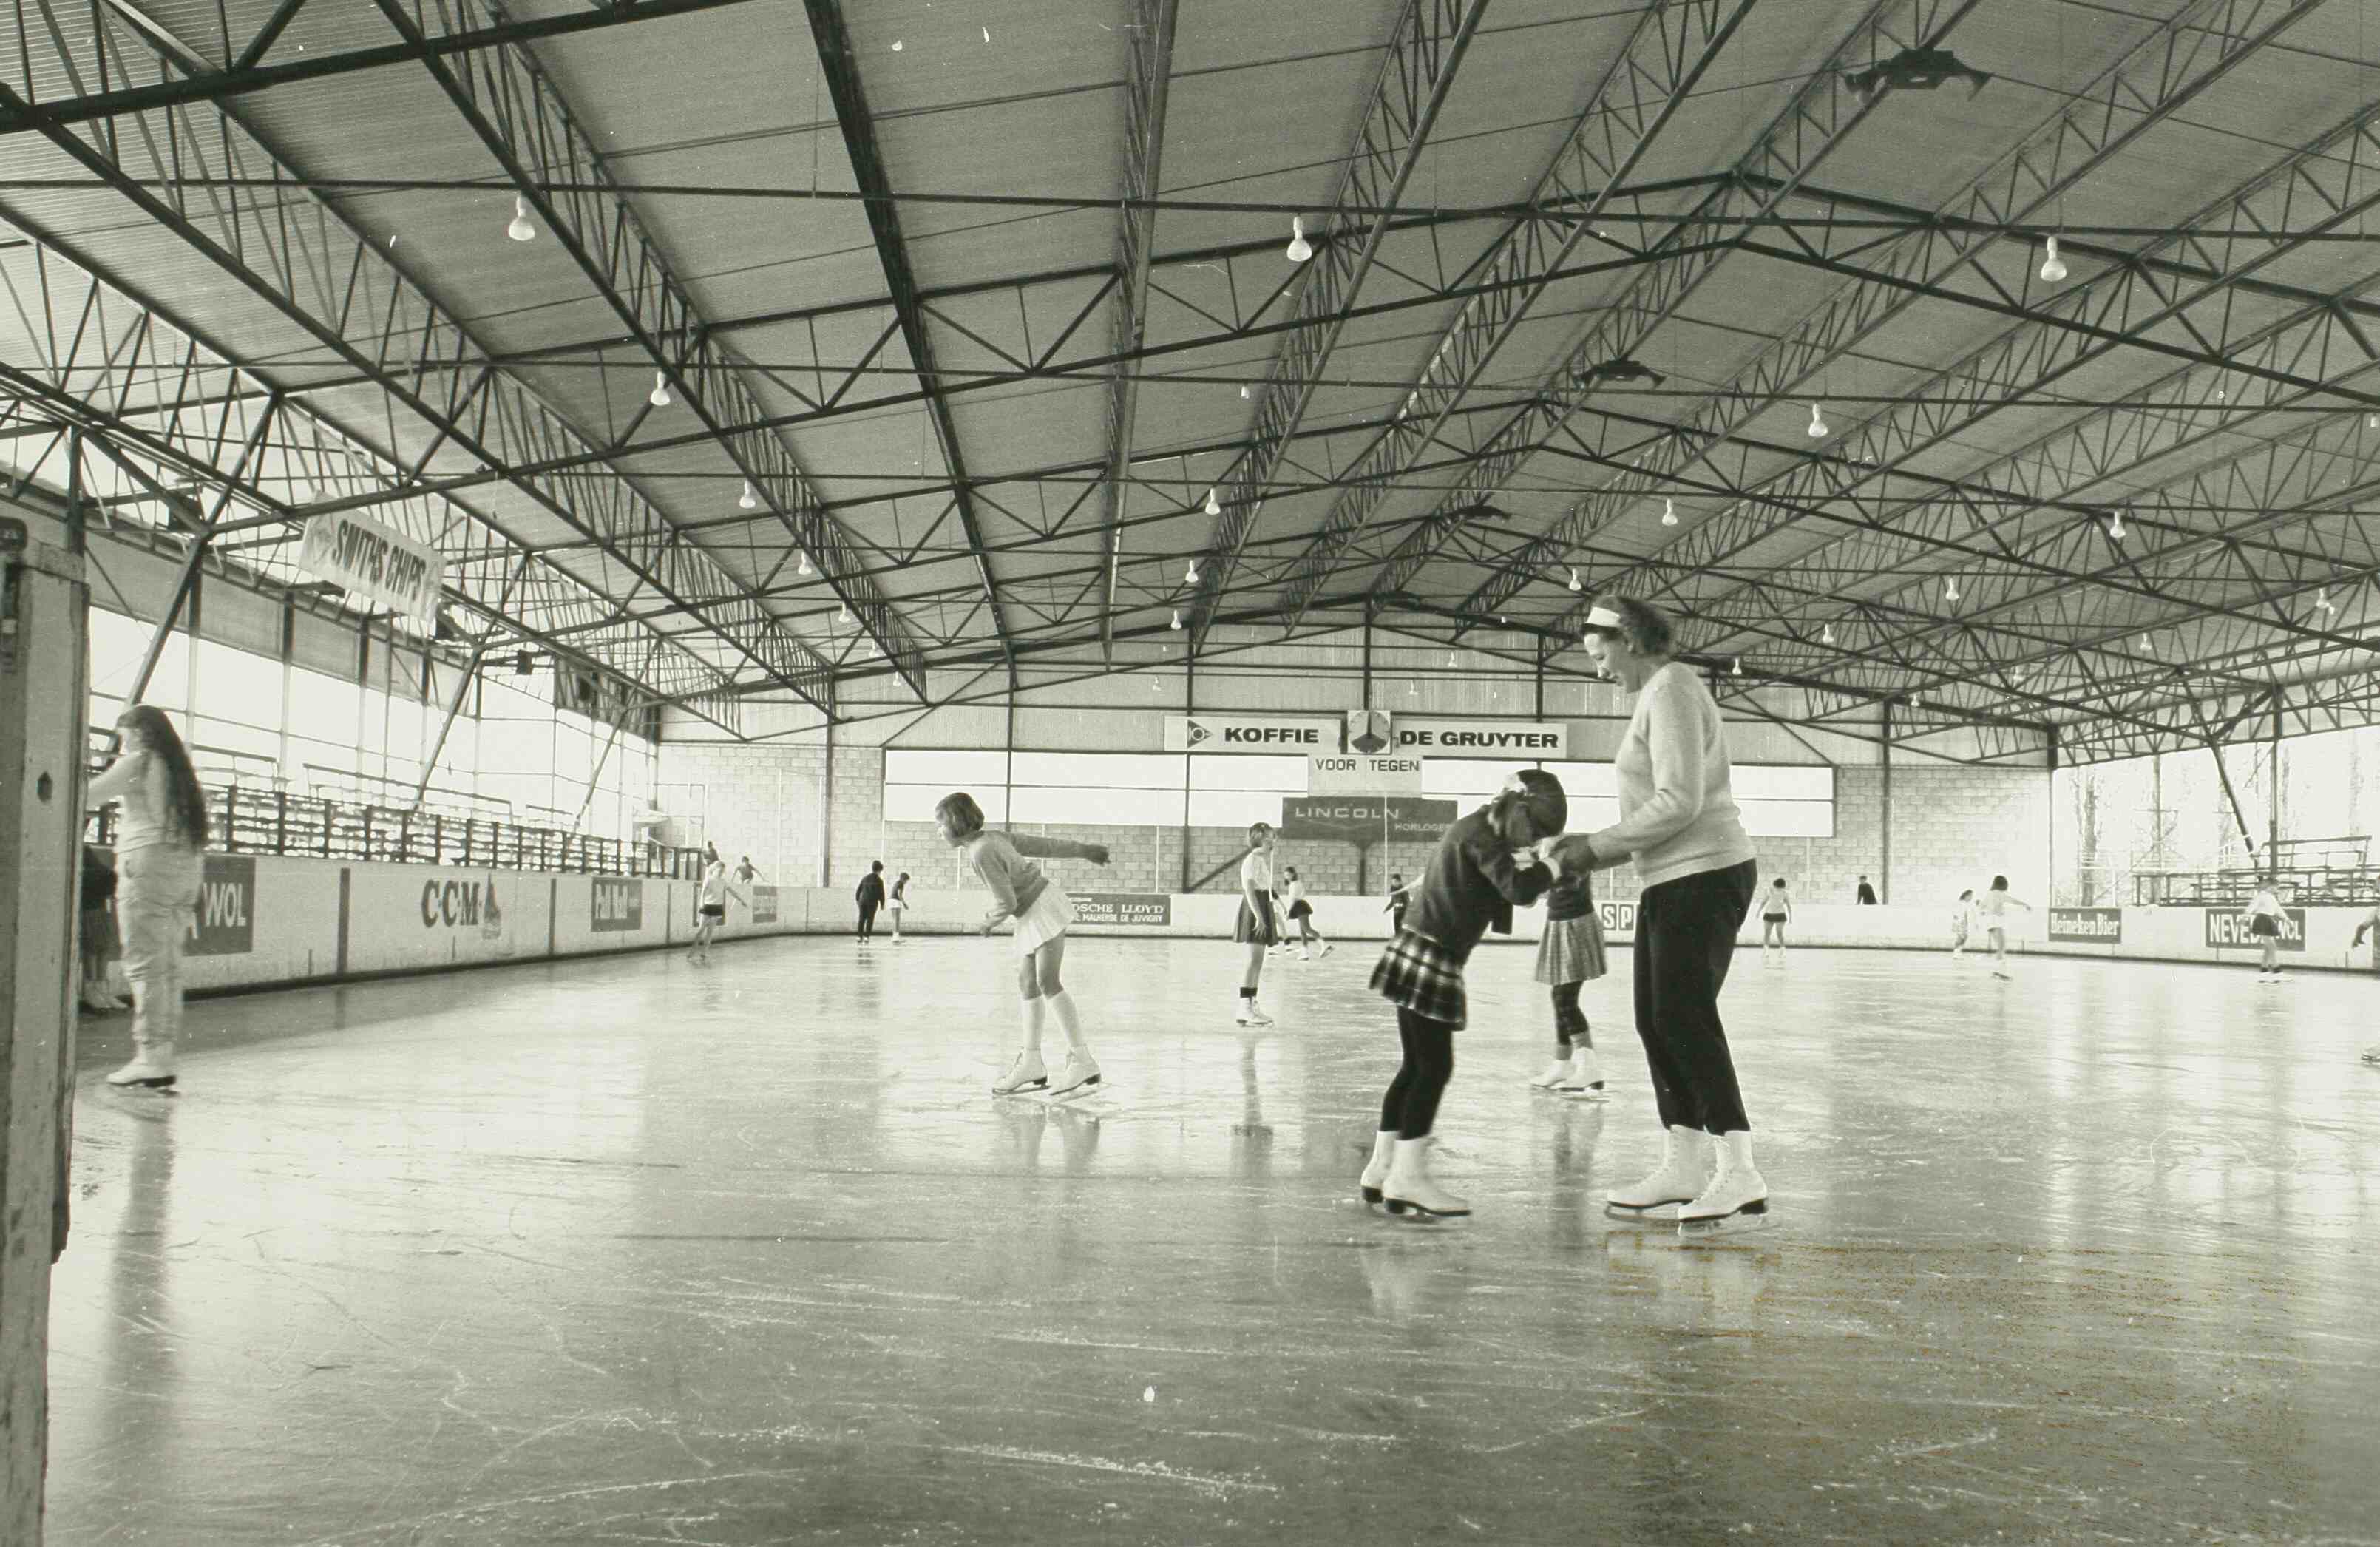 IJsbaan 1968 stadsarchief